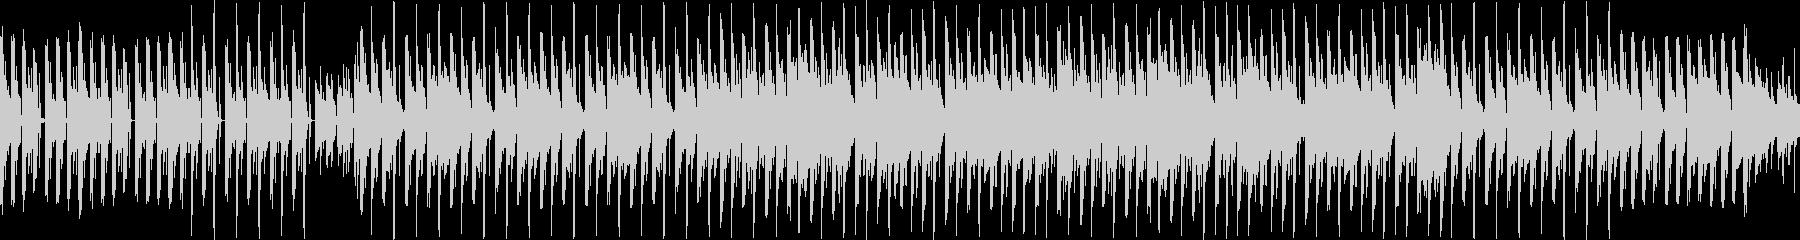 マリンバとベースのテクノ風のループ曲の未再生の波形